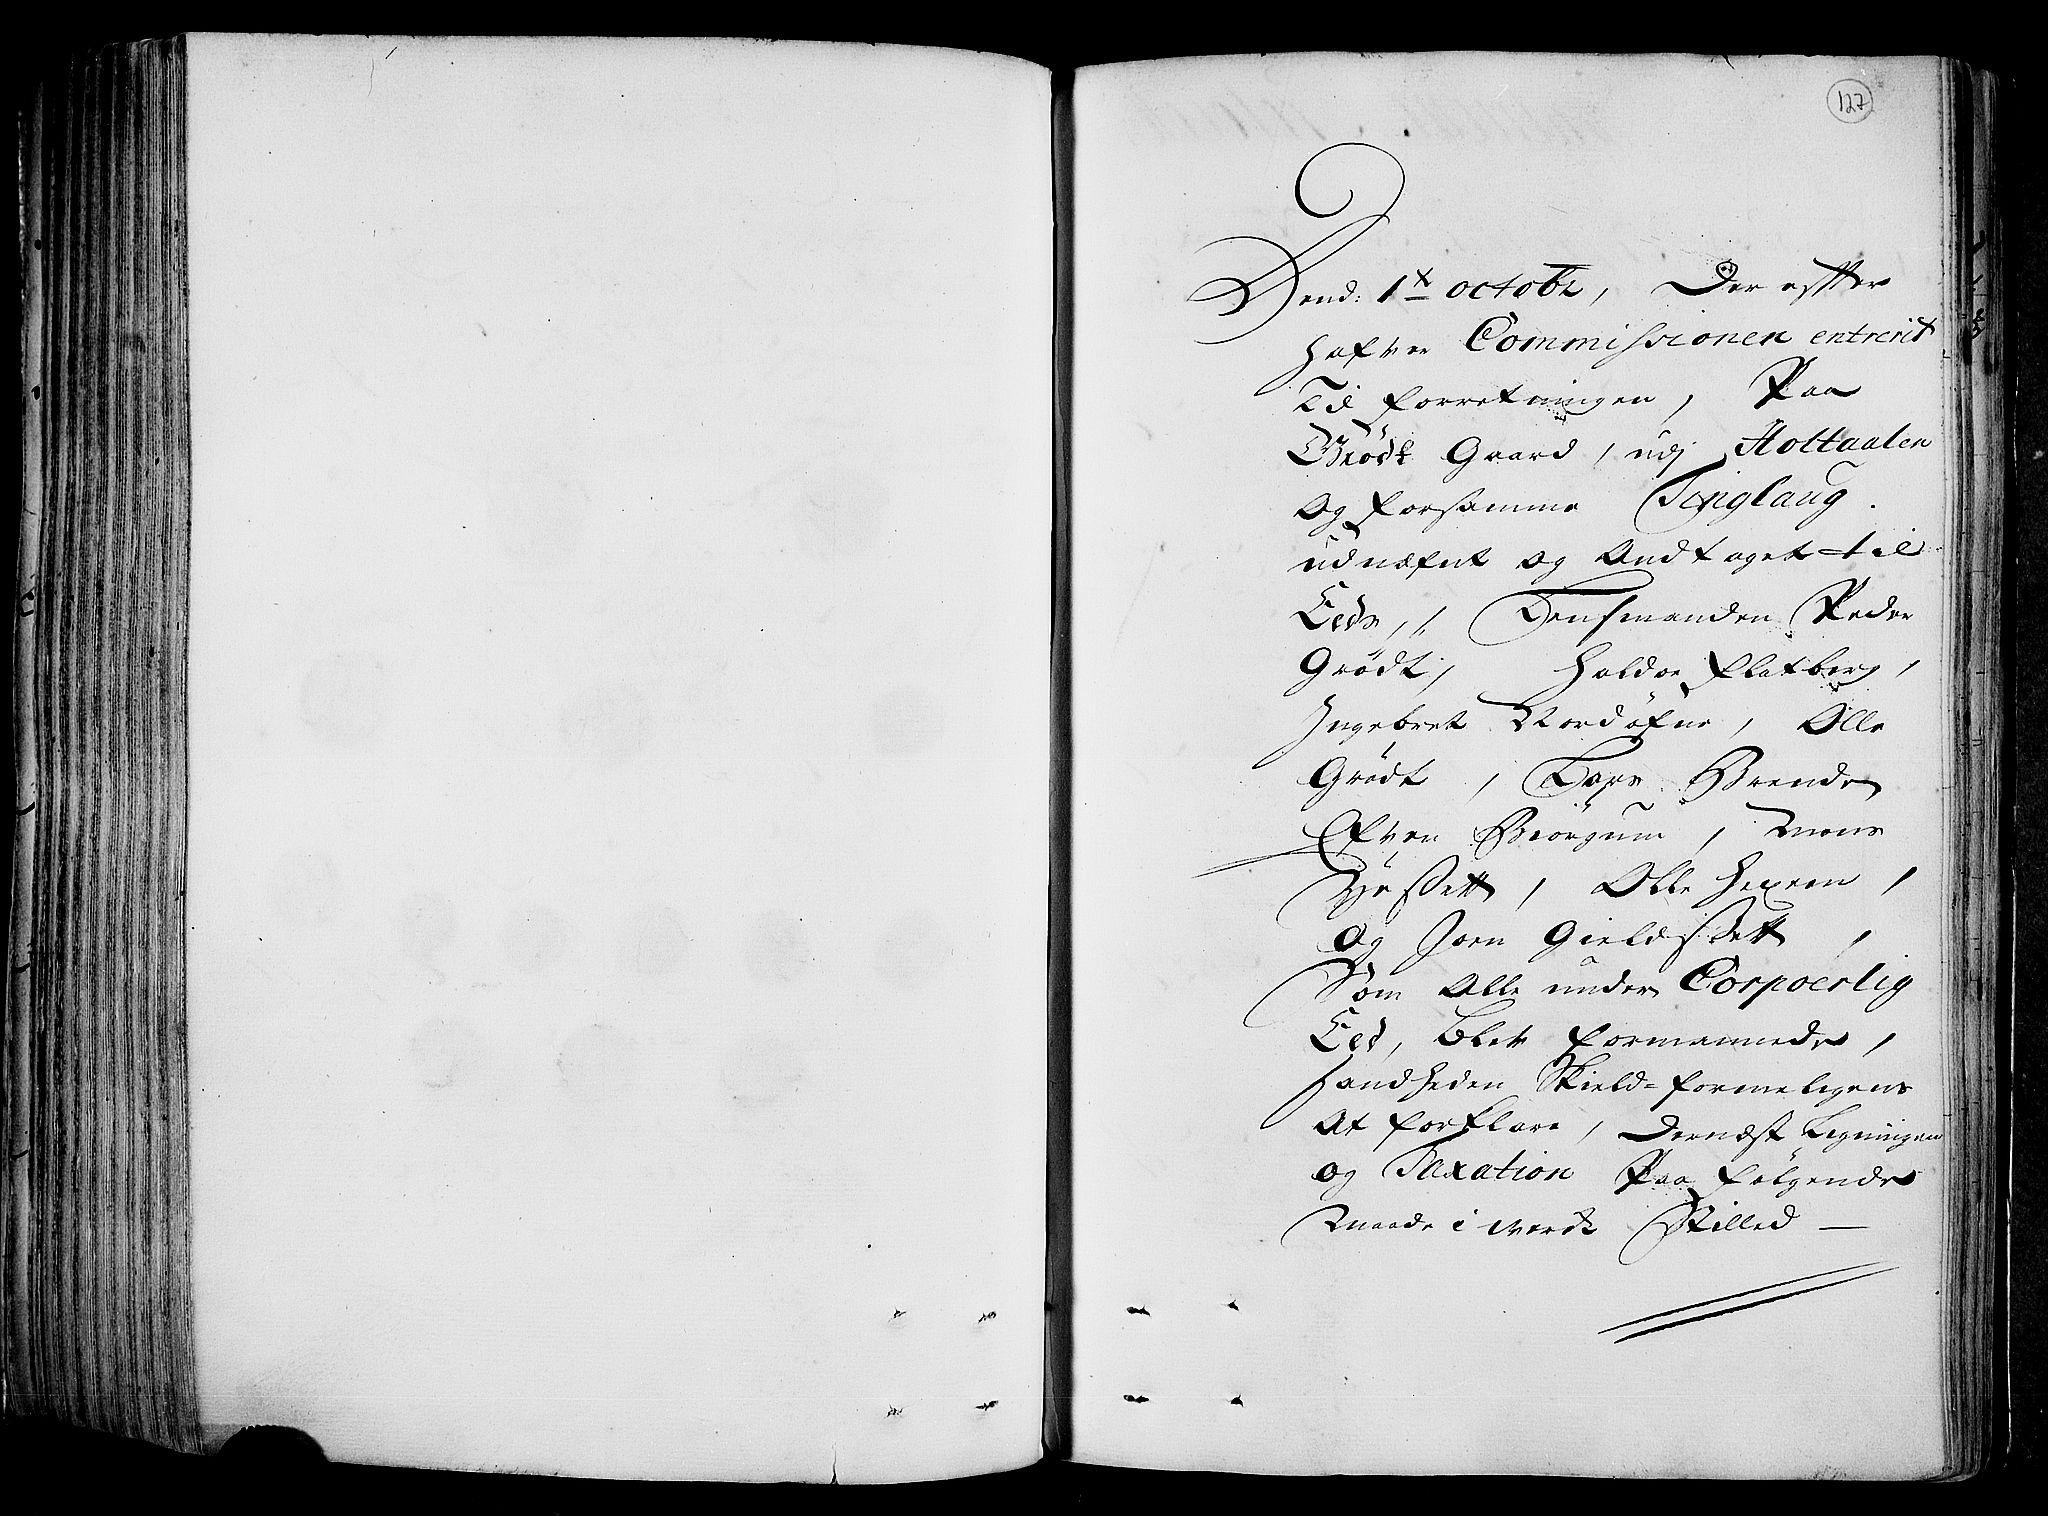 RA, Rentekammeret inntil 1814, Realistisk ordnet avdeling, N/Nb/Nbf/L0158: Gauldal eksaminasjonsprotokoll, 1723, s. 126b-127a